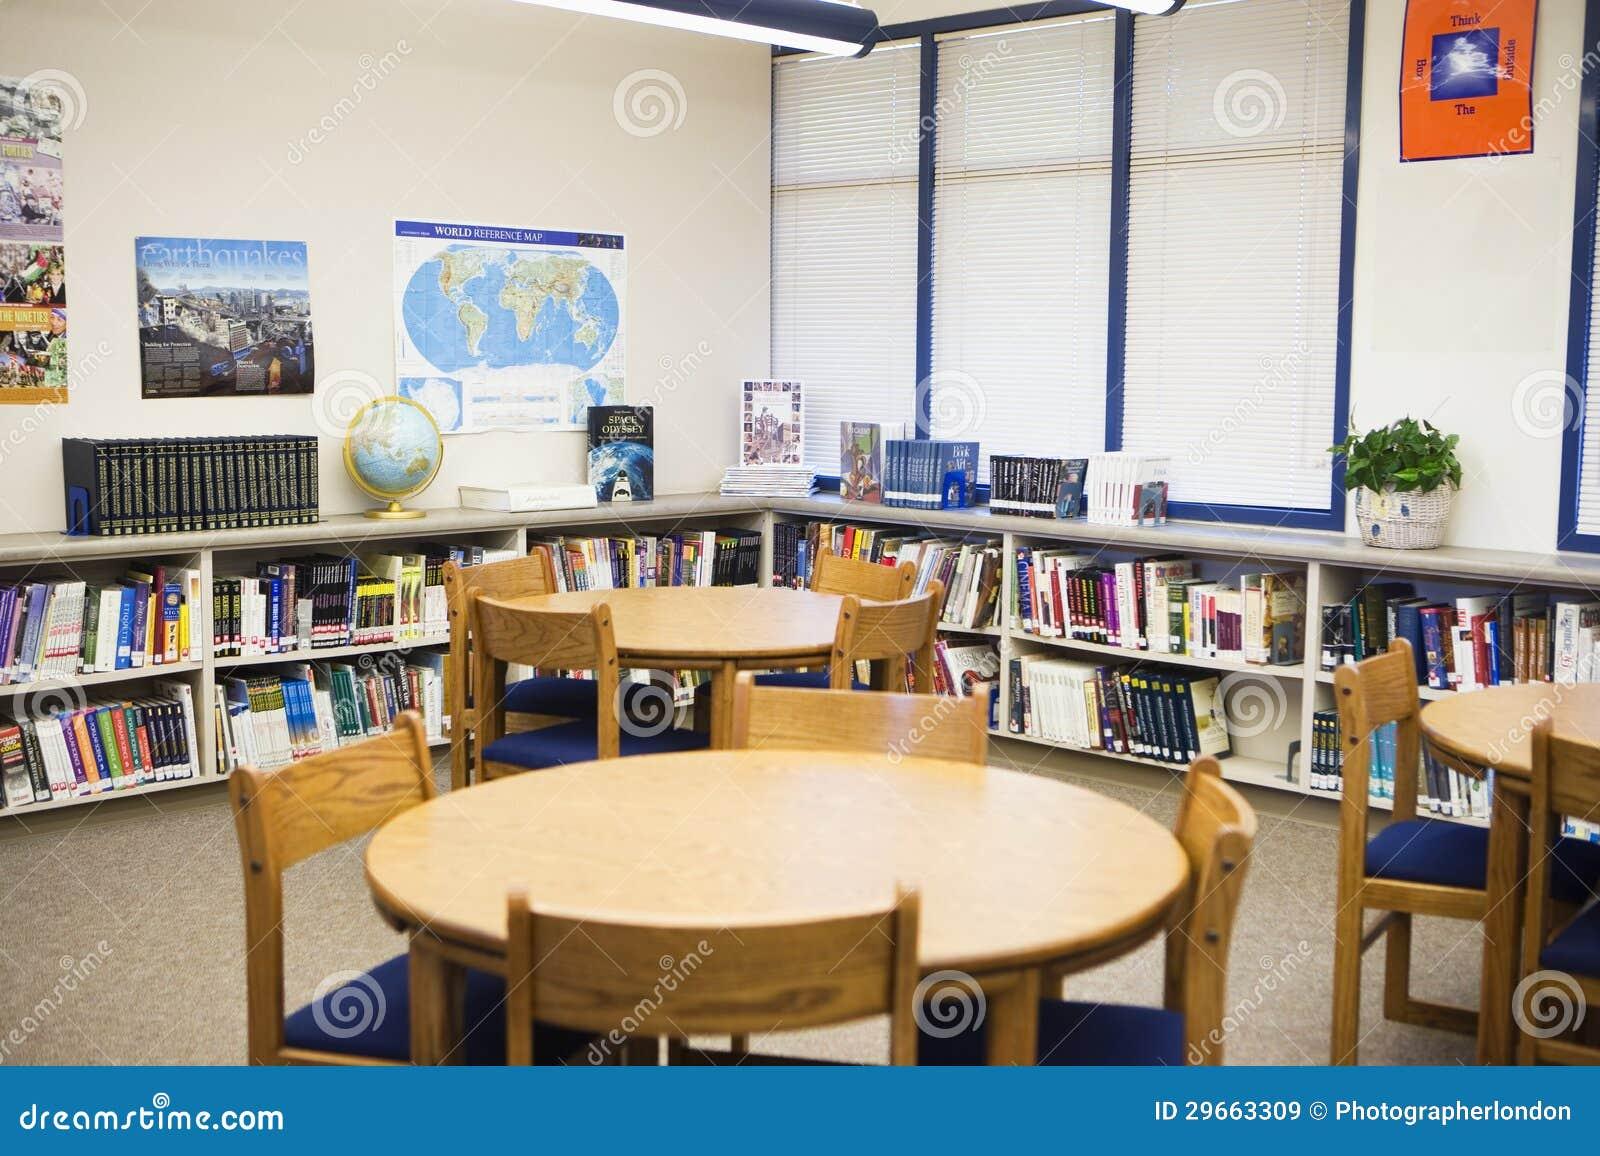 de regalías Libros y muebles dispuestos en alta biblioteca escolar